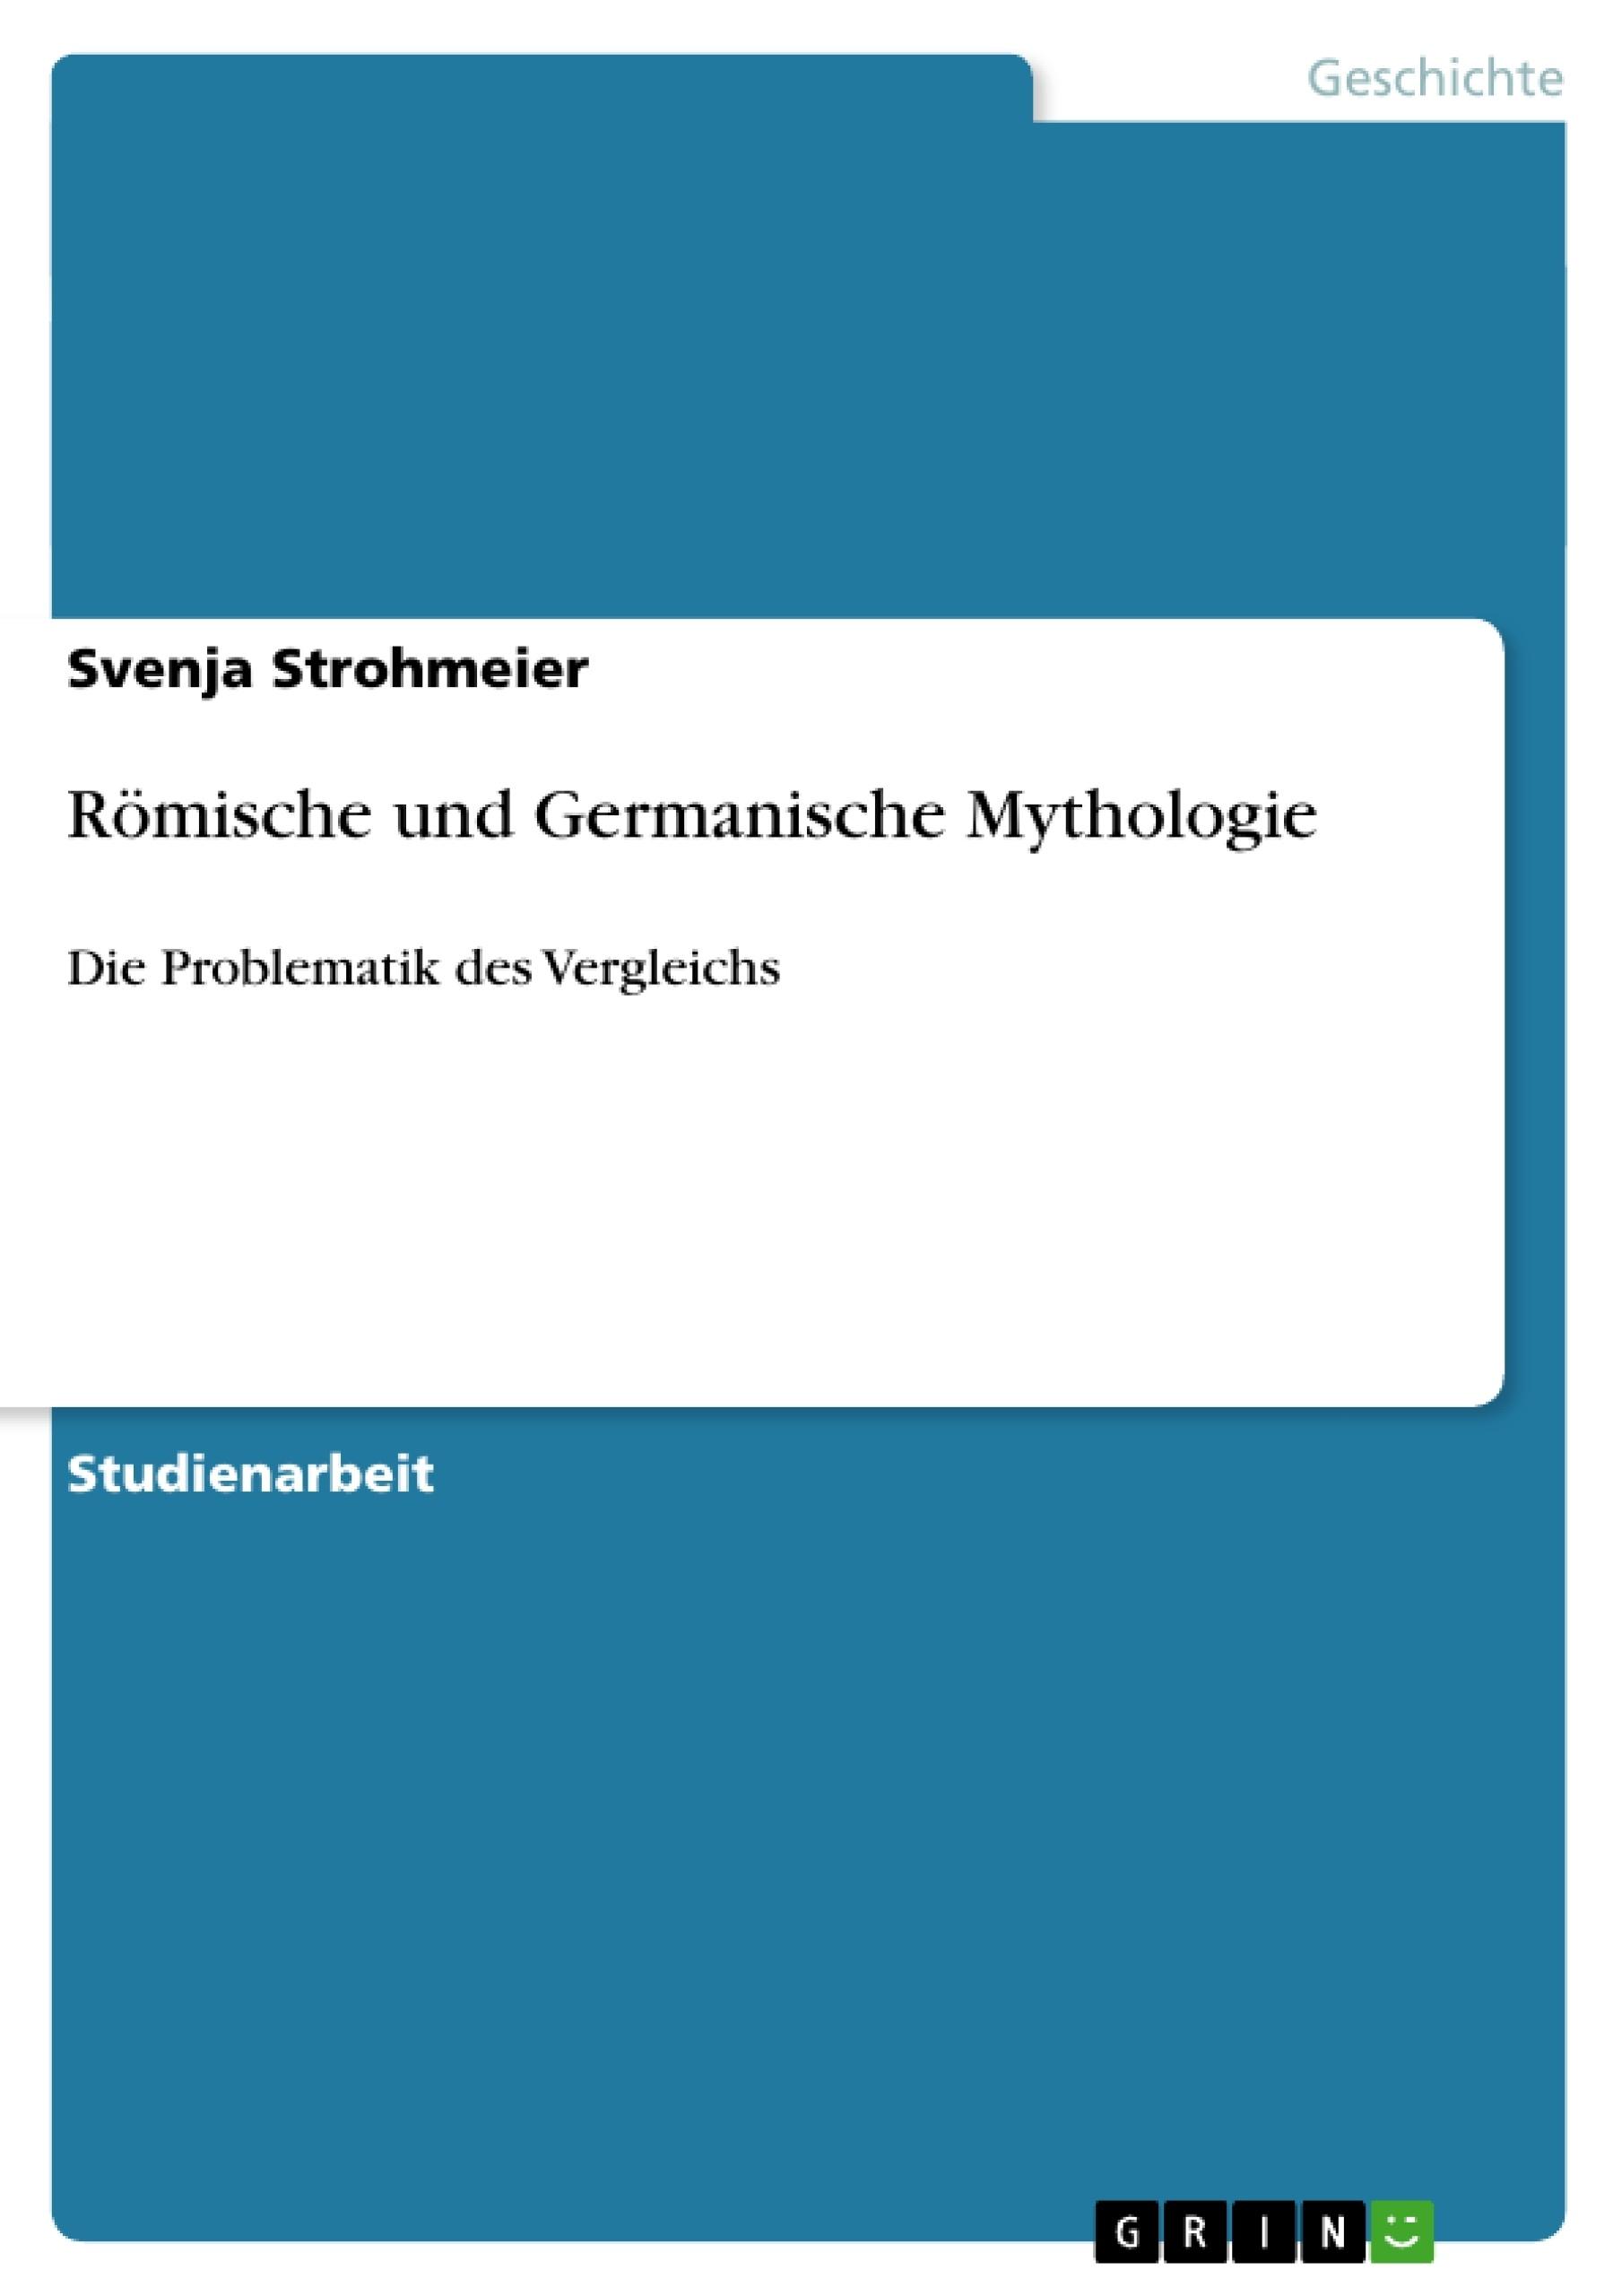 Titel: Römische und Germanische Mythologie